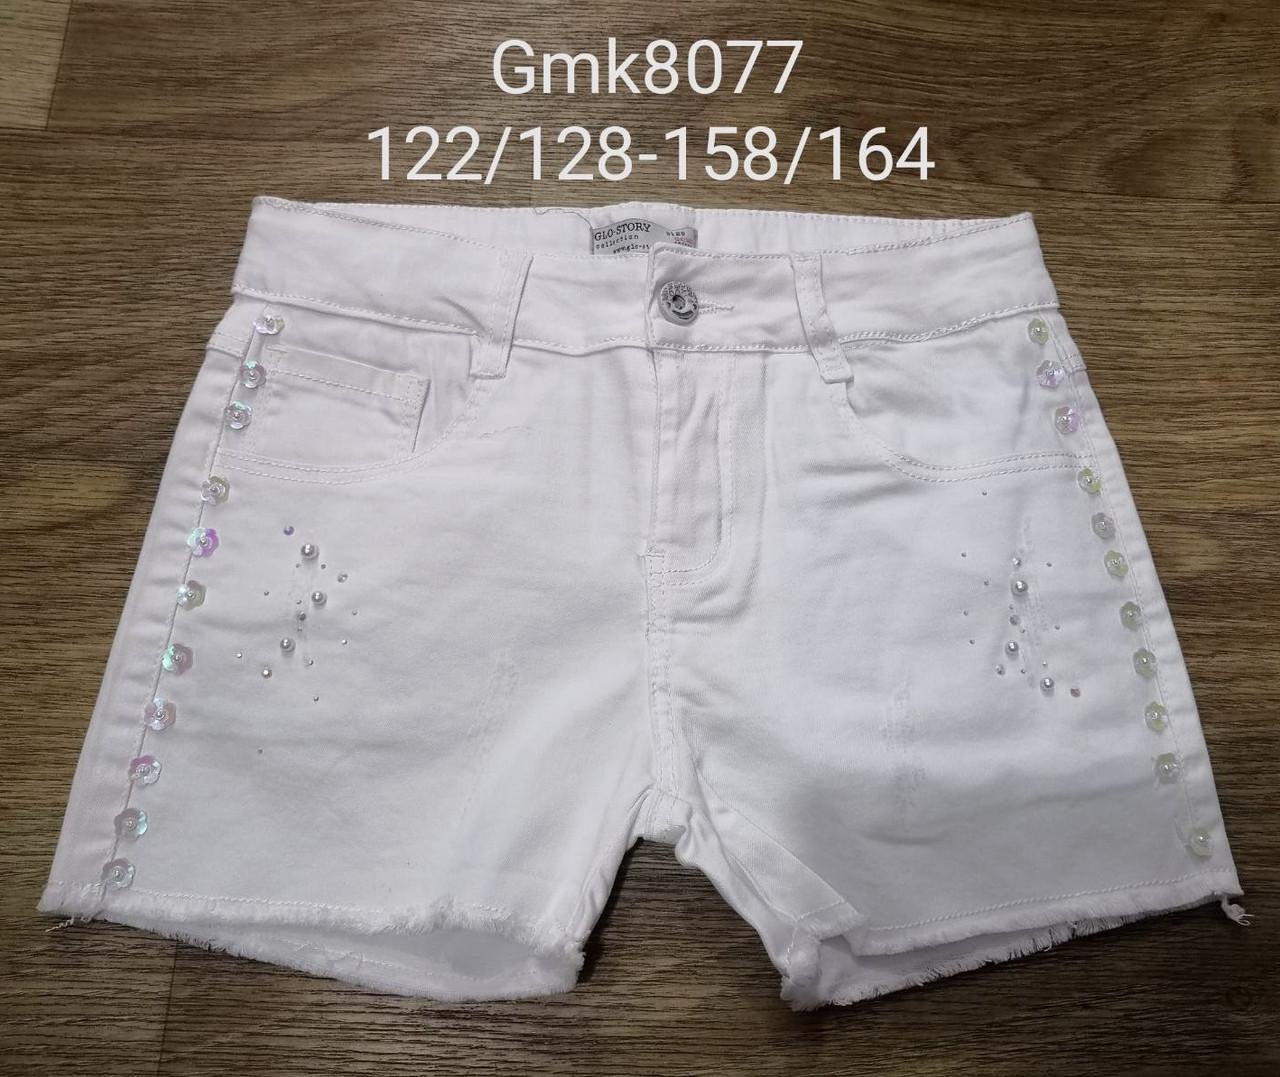 Котоновые шорты для девочек Glo-Story, 122/128-158/164 рр. Артикул: GMK8077